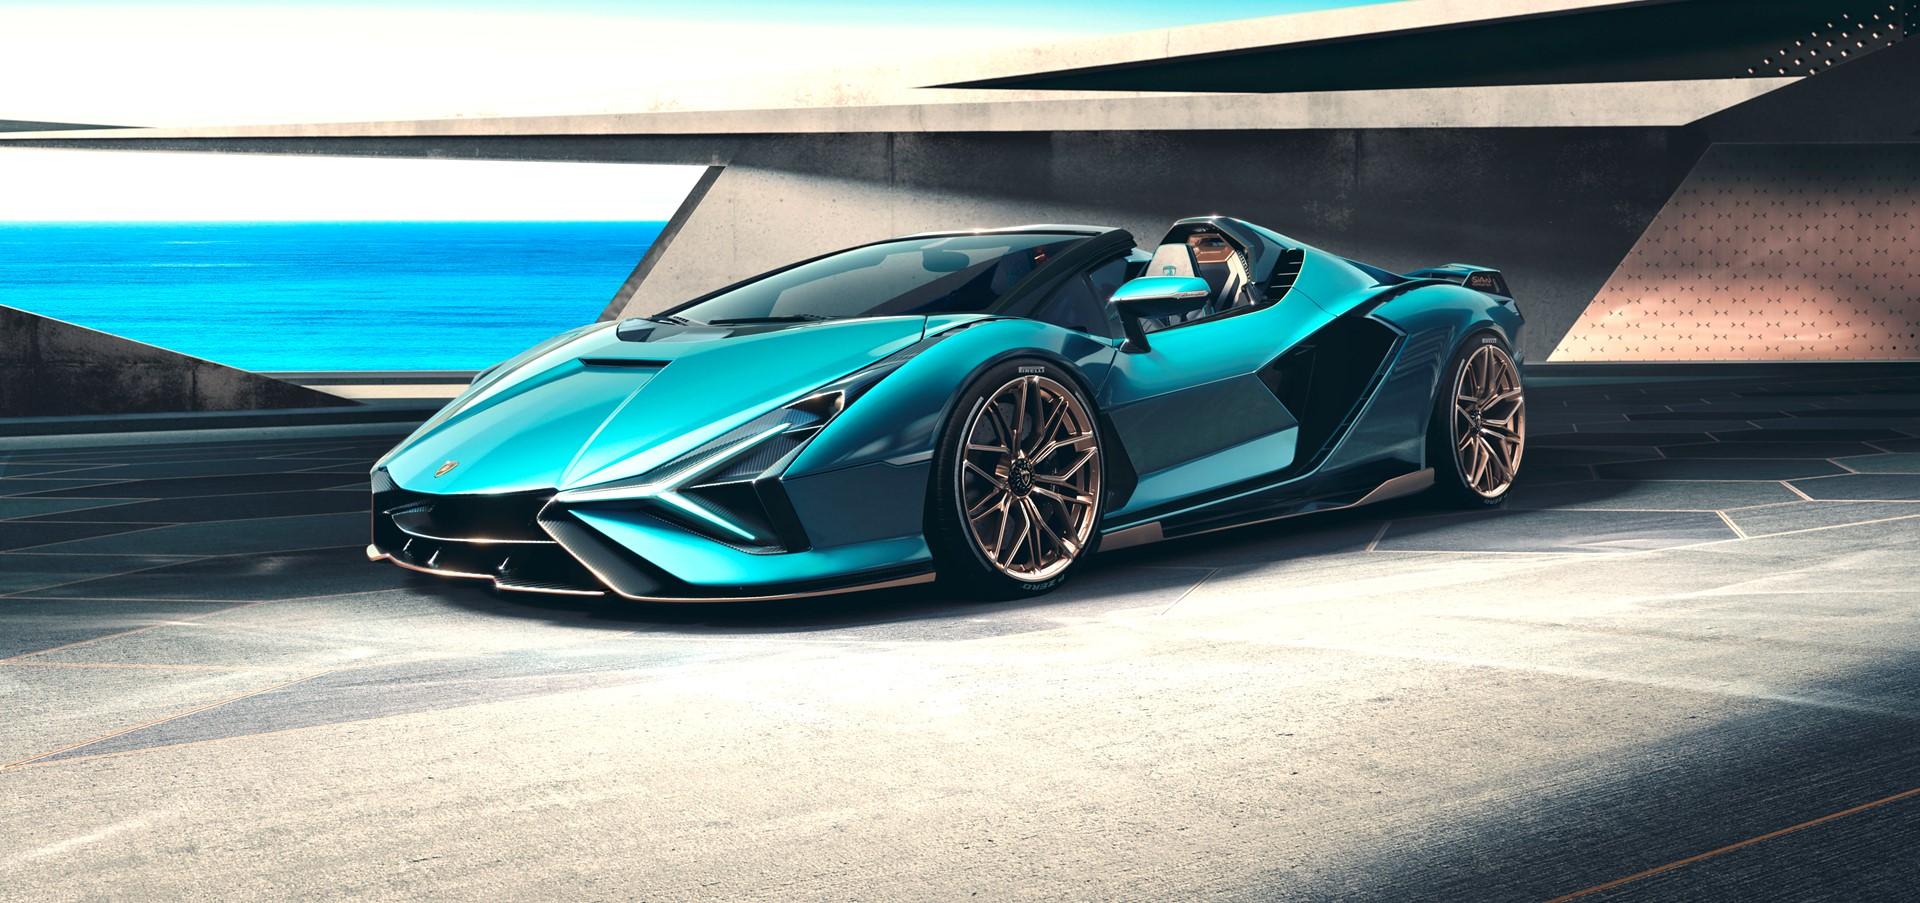 Lamborghini Sián Roadster: tecnologia del futuro a cielo...